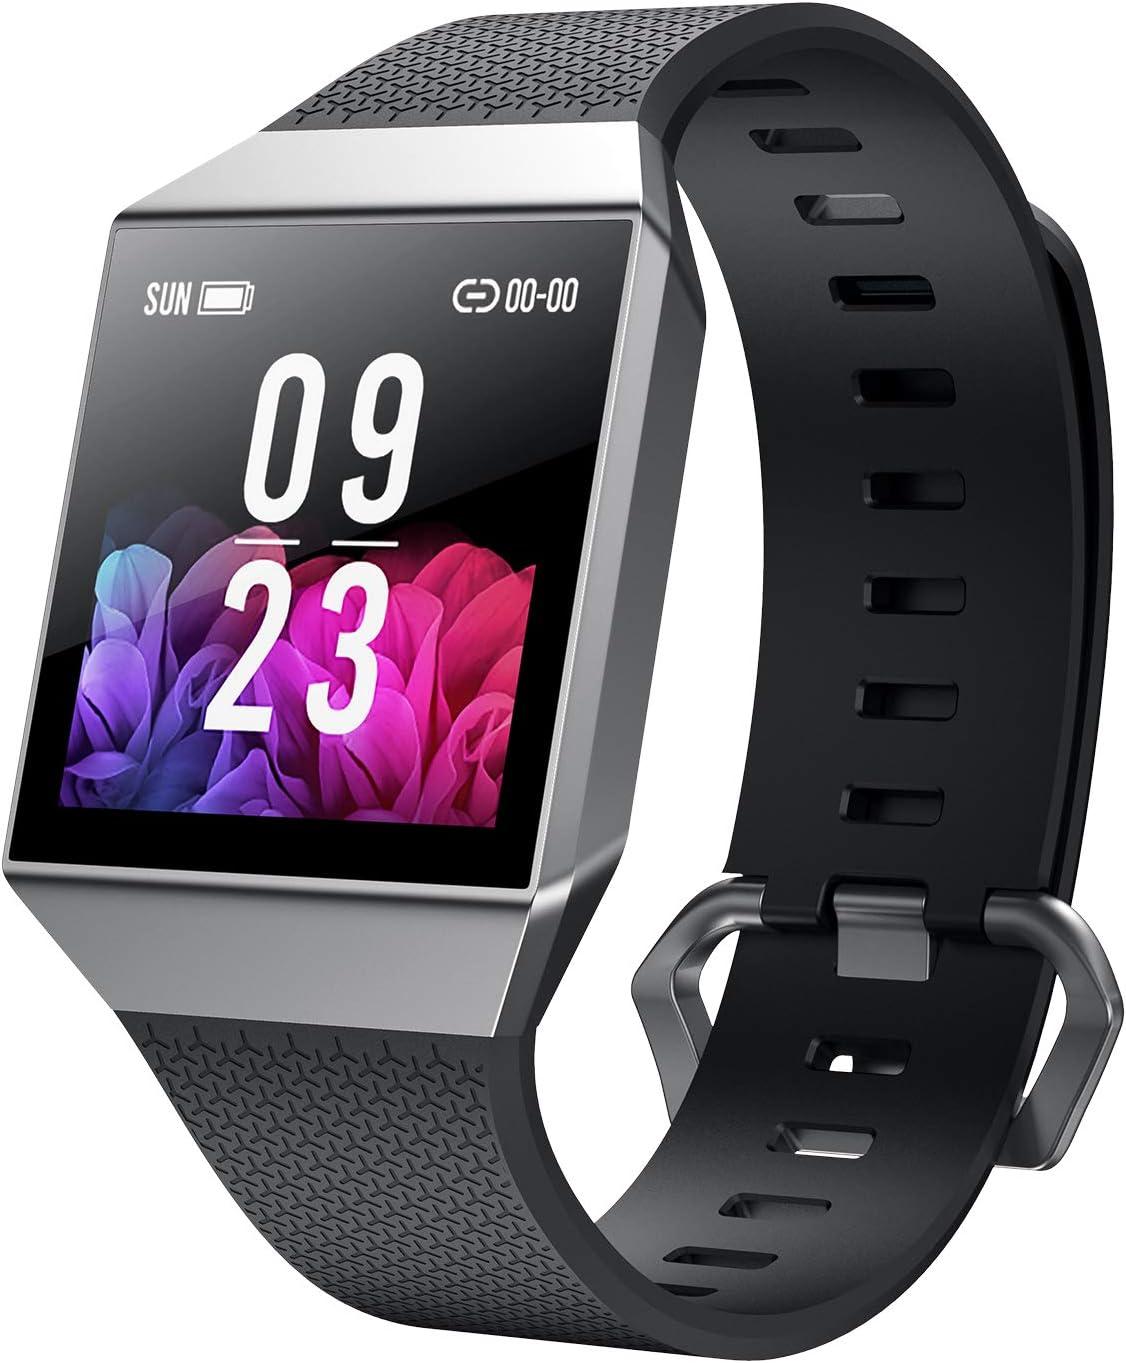 Smart Max 51% OFF Watch for Men Women Phone IP68 Smartwatch Version Wat Max 49% OFF 2020